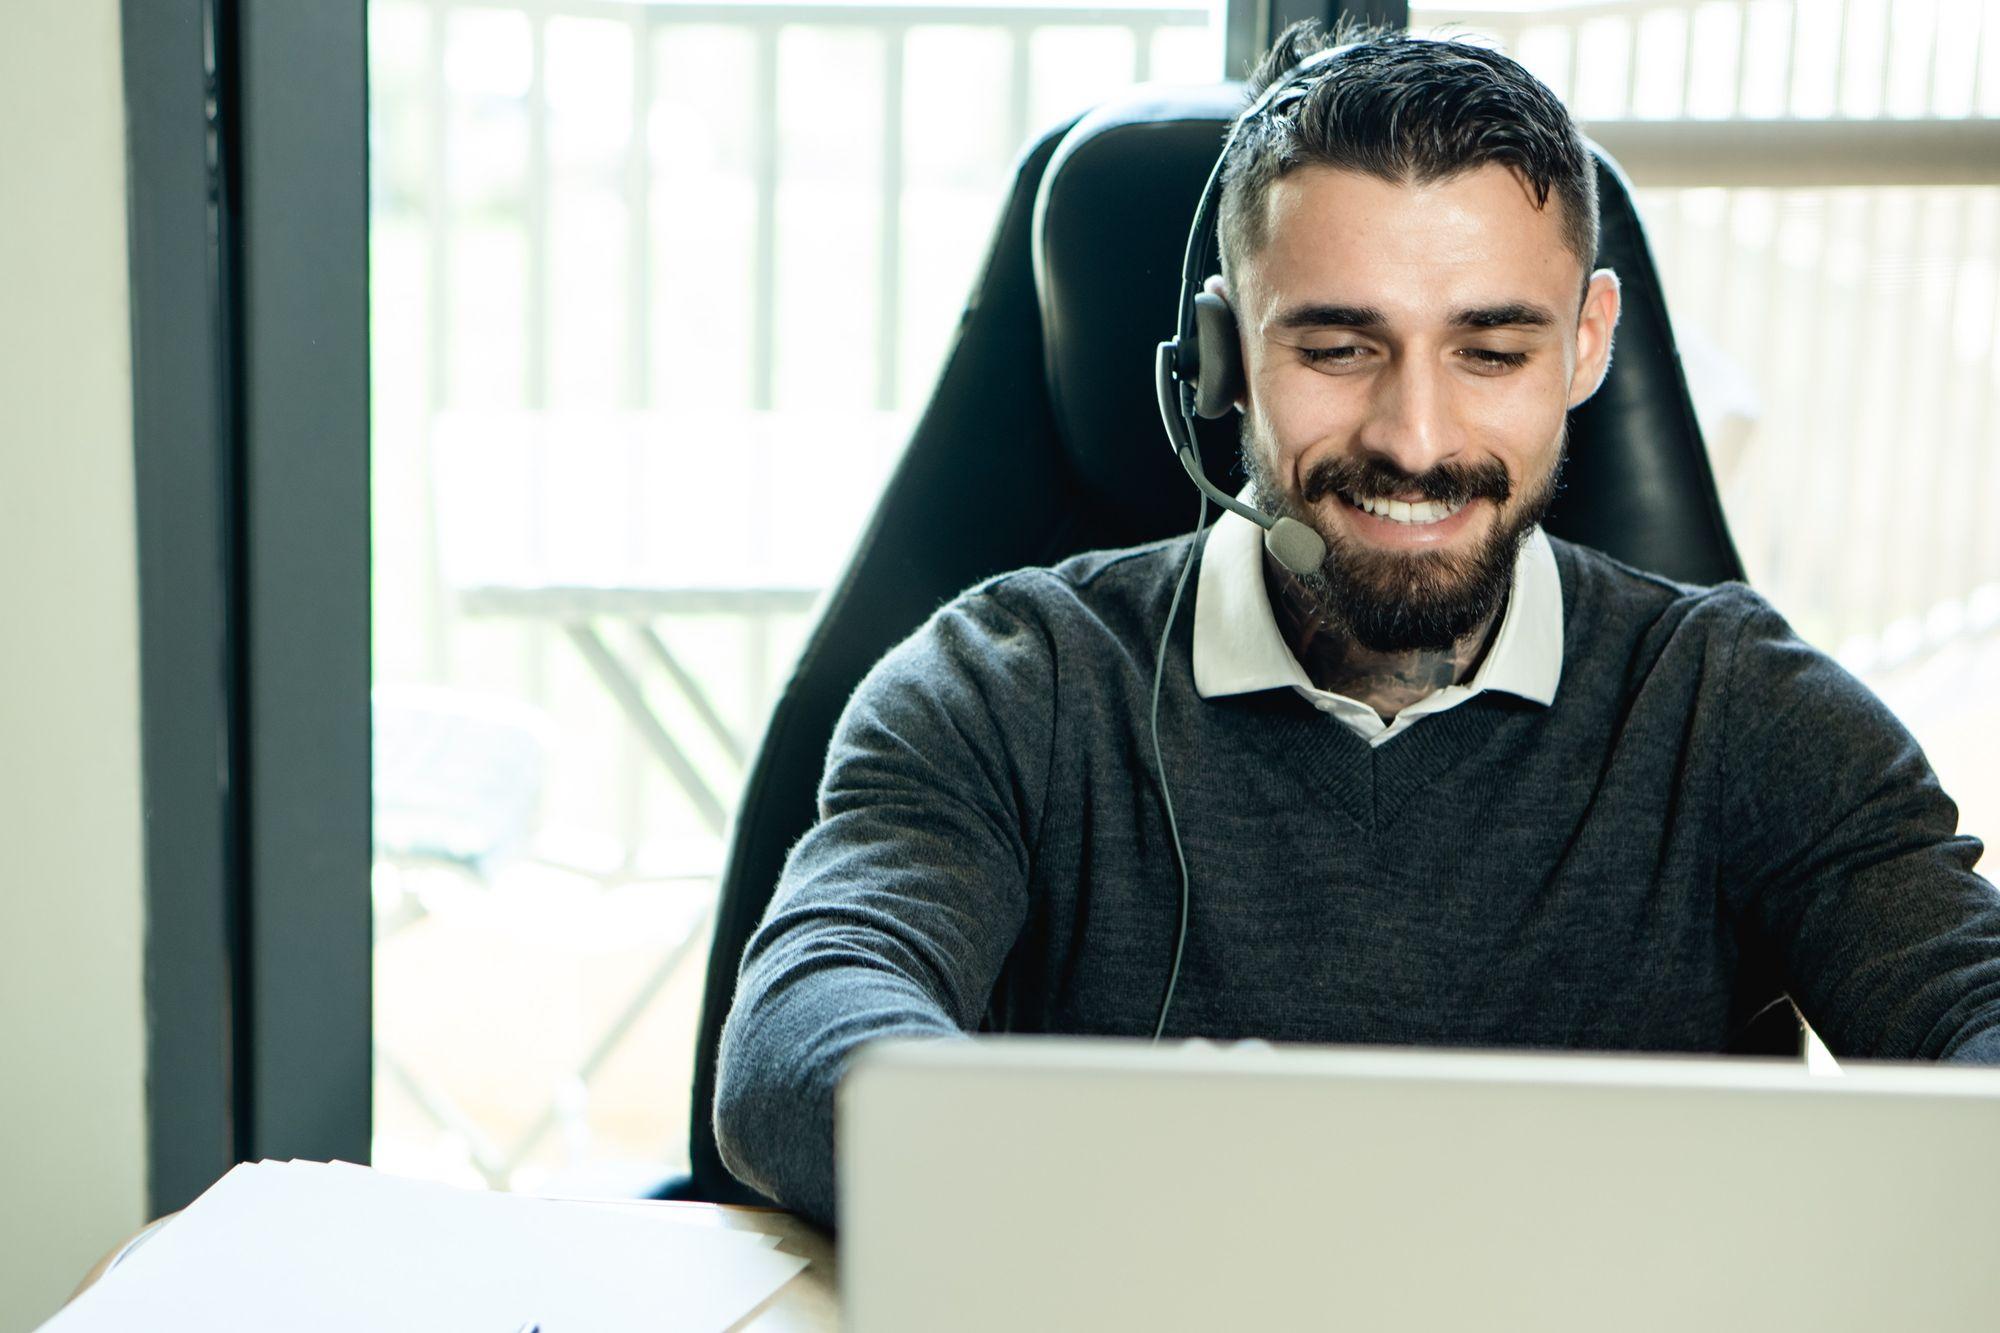 Narzędzia powinny być wsparciem dla klientów, ale także dla pracowników customer service